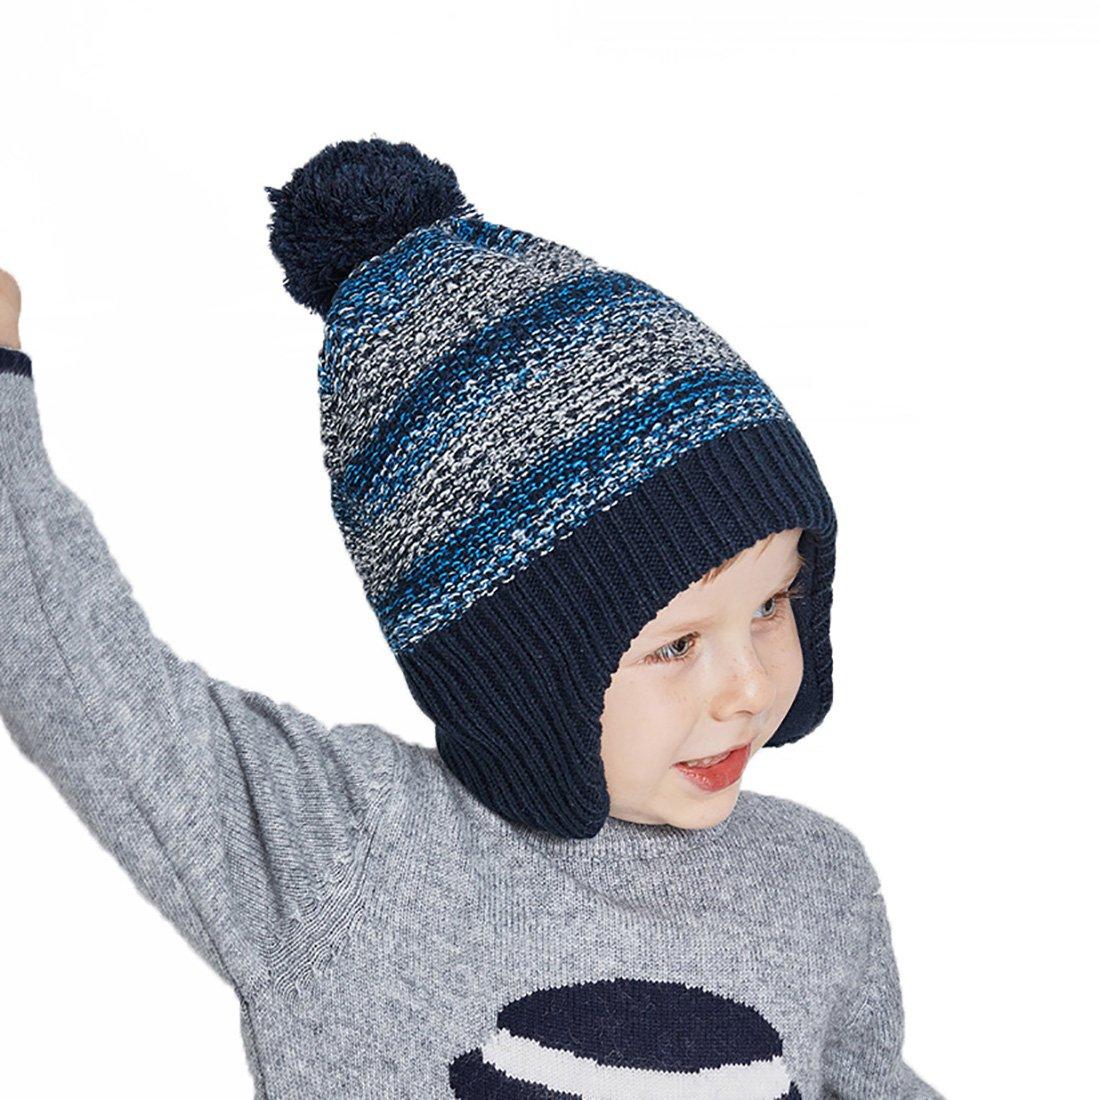 e0fa682c9a7a URSFUR Bébé Garçons Fille Bonnet Cap Tricot à Pompon Fourrure Chapeau  Bonnet Coton à Cache Oreille Enfant Hiver marine  Amazon.fr  Vêtements et  accessoires